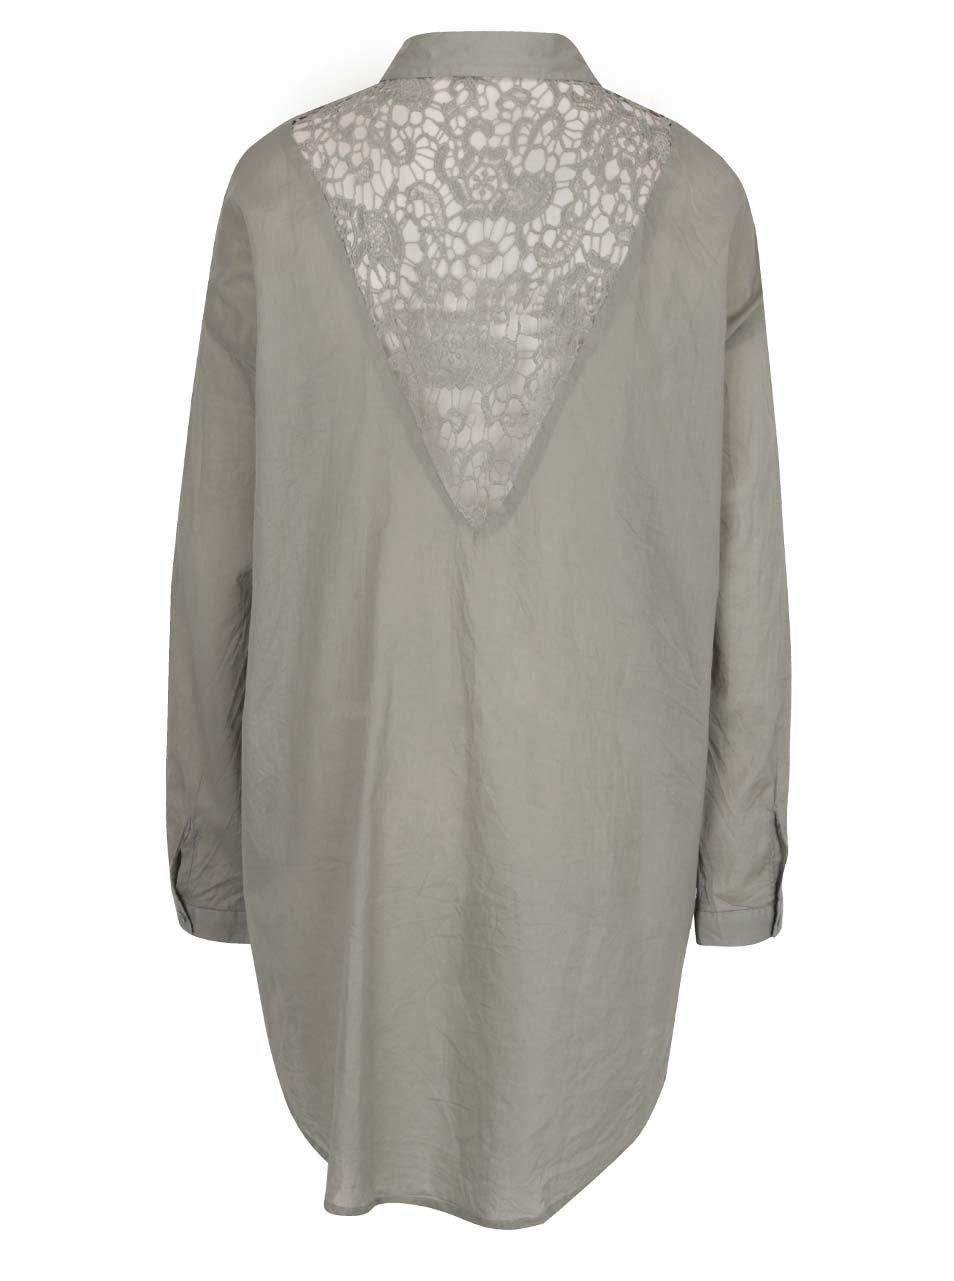 4360dceb9668 Khaki dámska voľná košeľa s čipkou na chrbte Broadway Fairlie ...